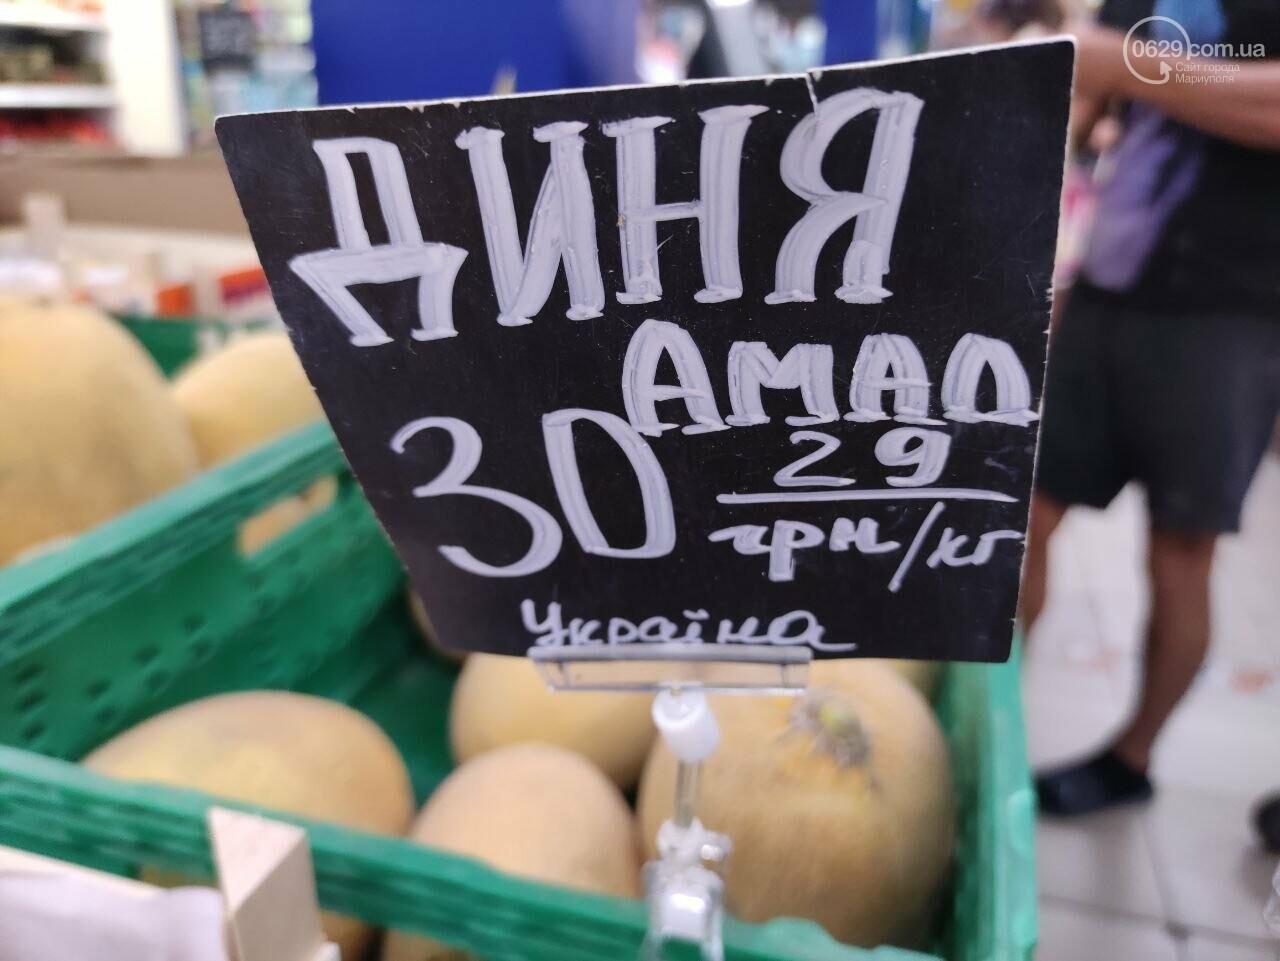 Проверка на нитраты в Мариуполе: опасные дыни в супермаркете и злые продавцы на рынке, - ФОТО, ВИДЕО, фото-8